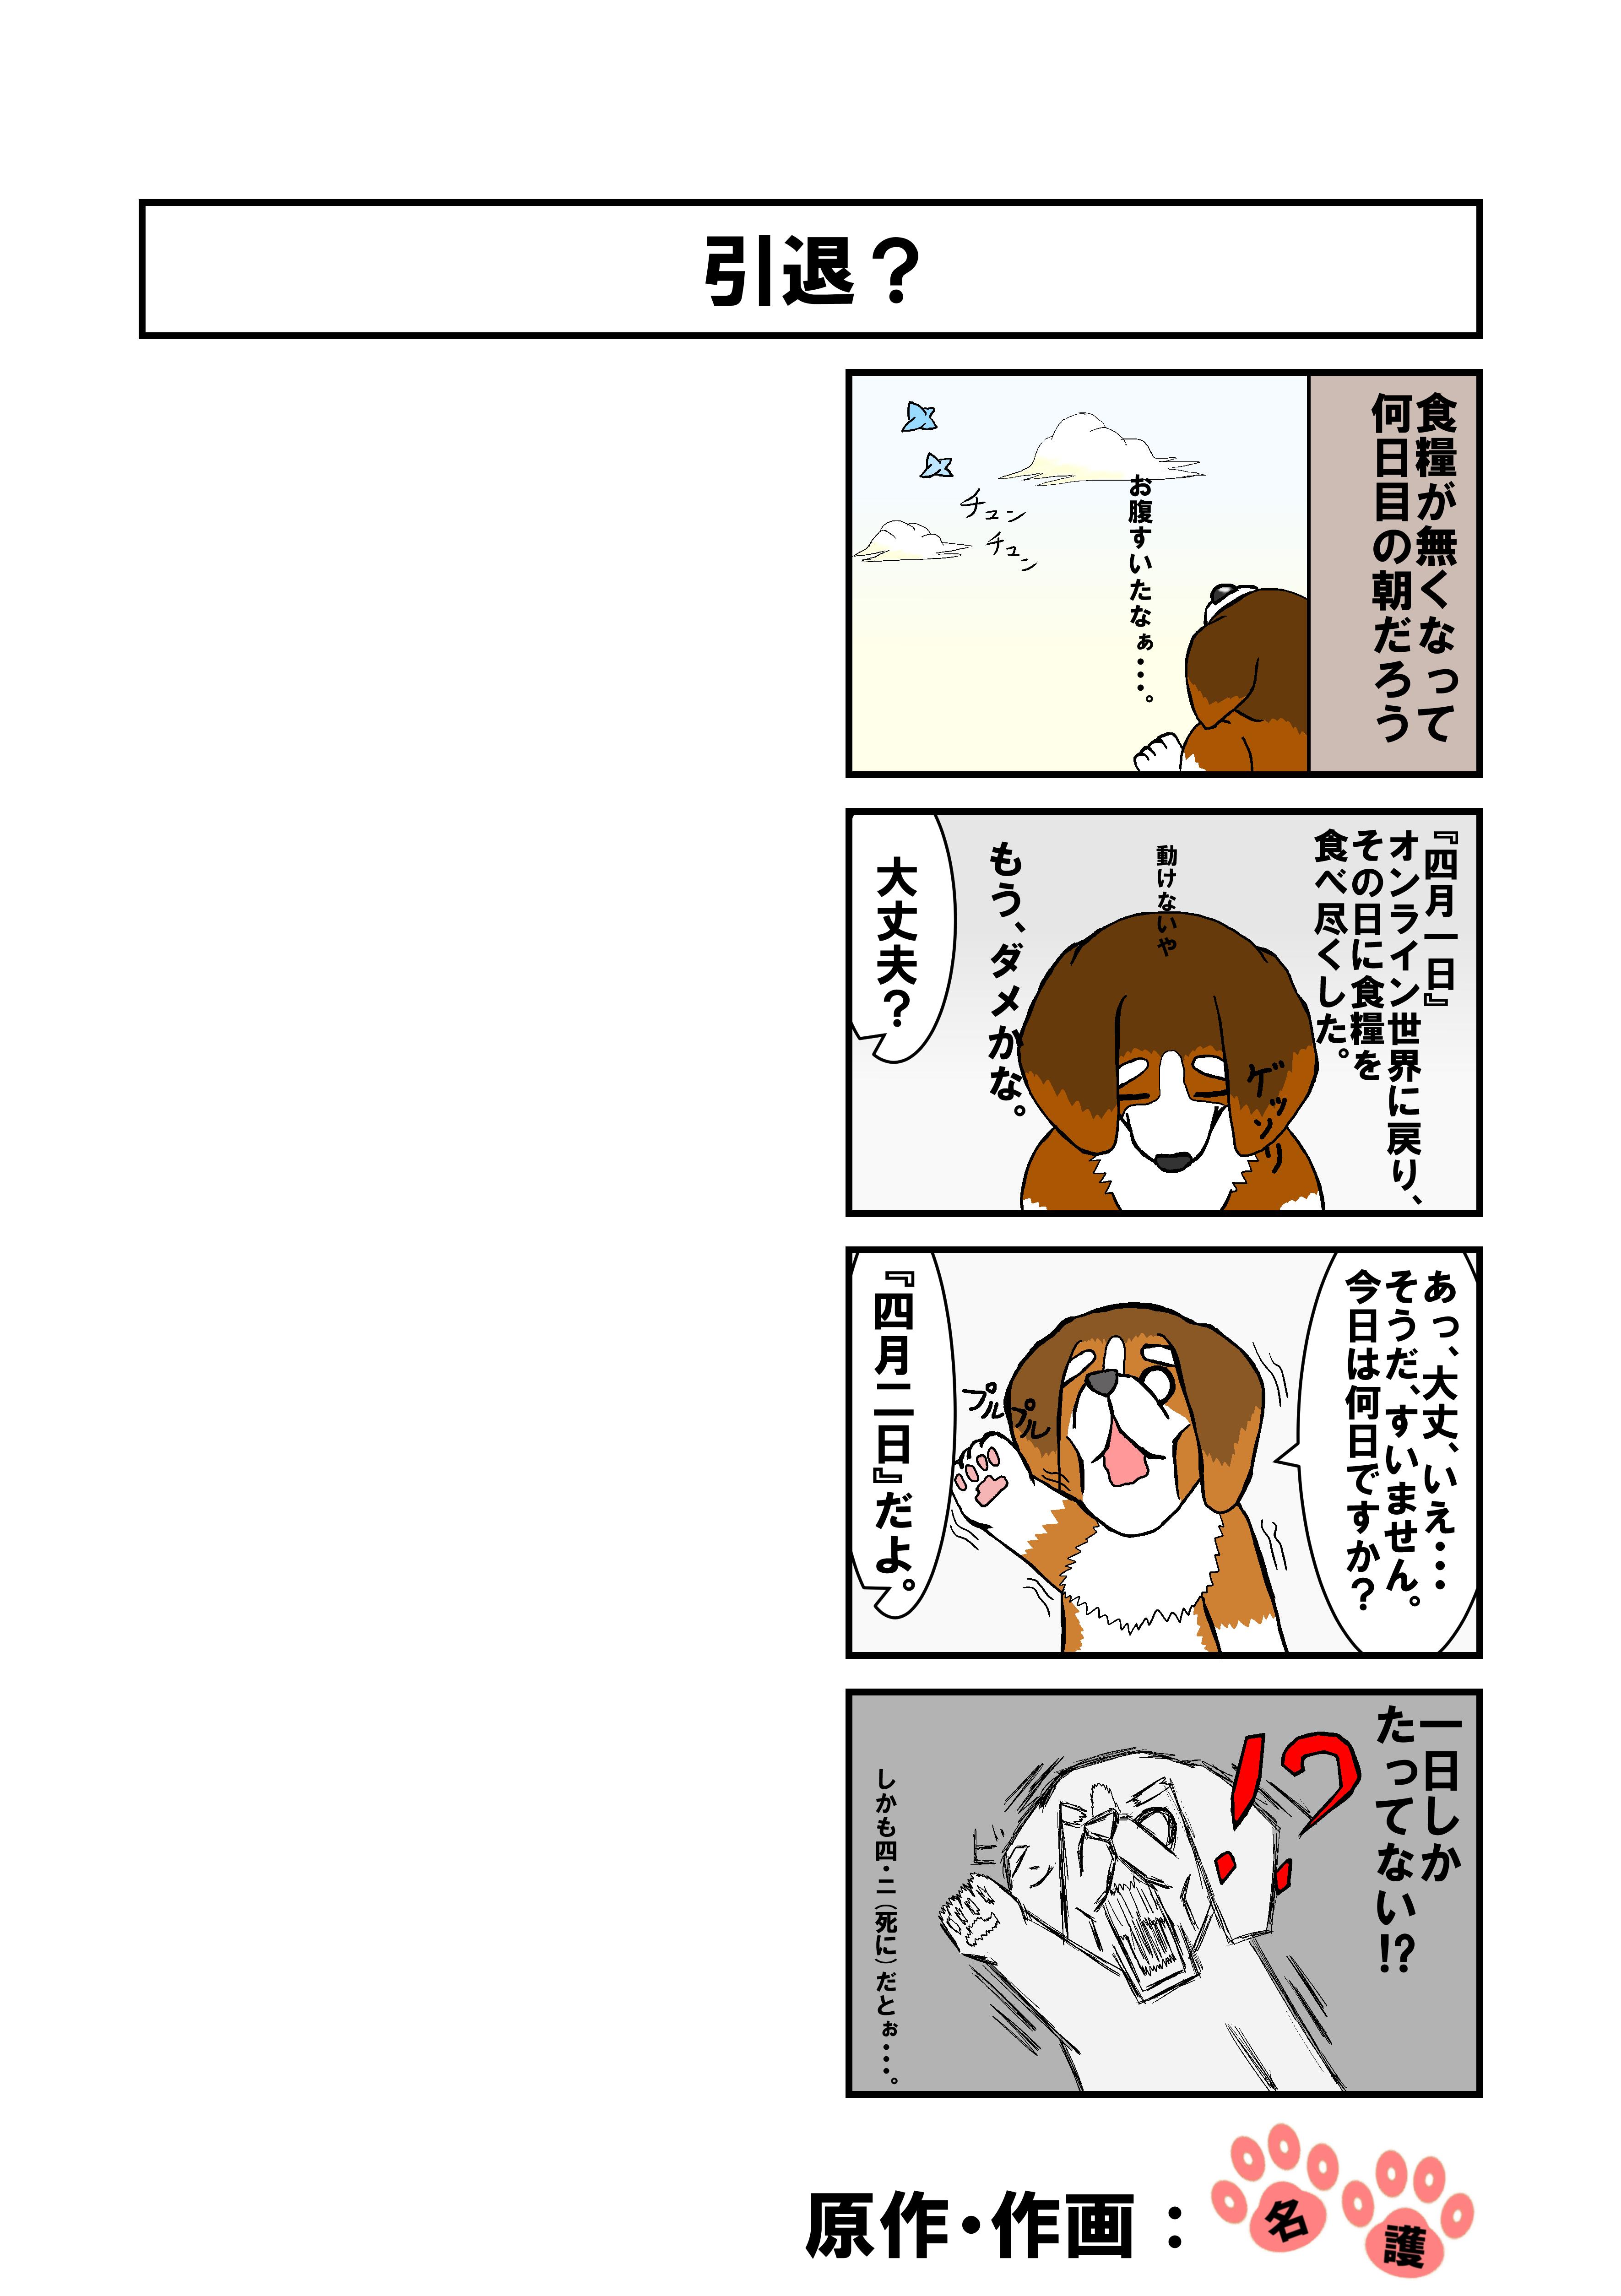 ナゴの日常 3p-1